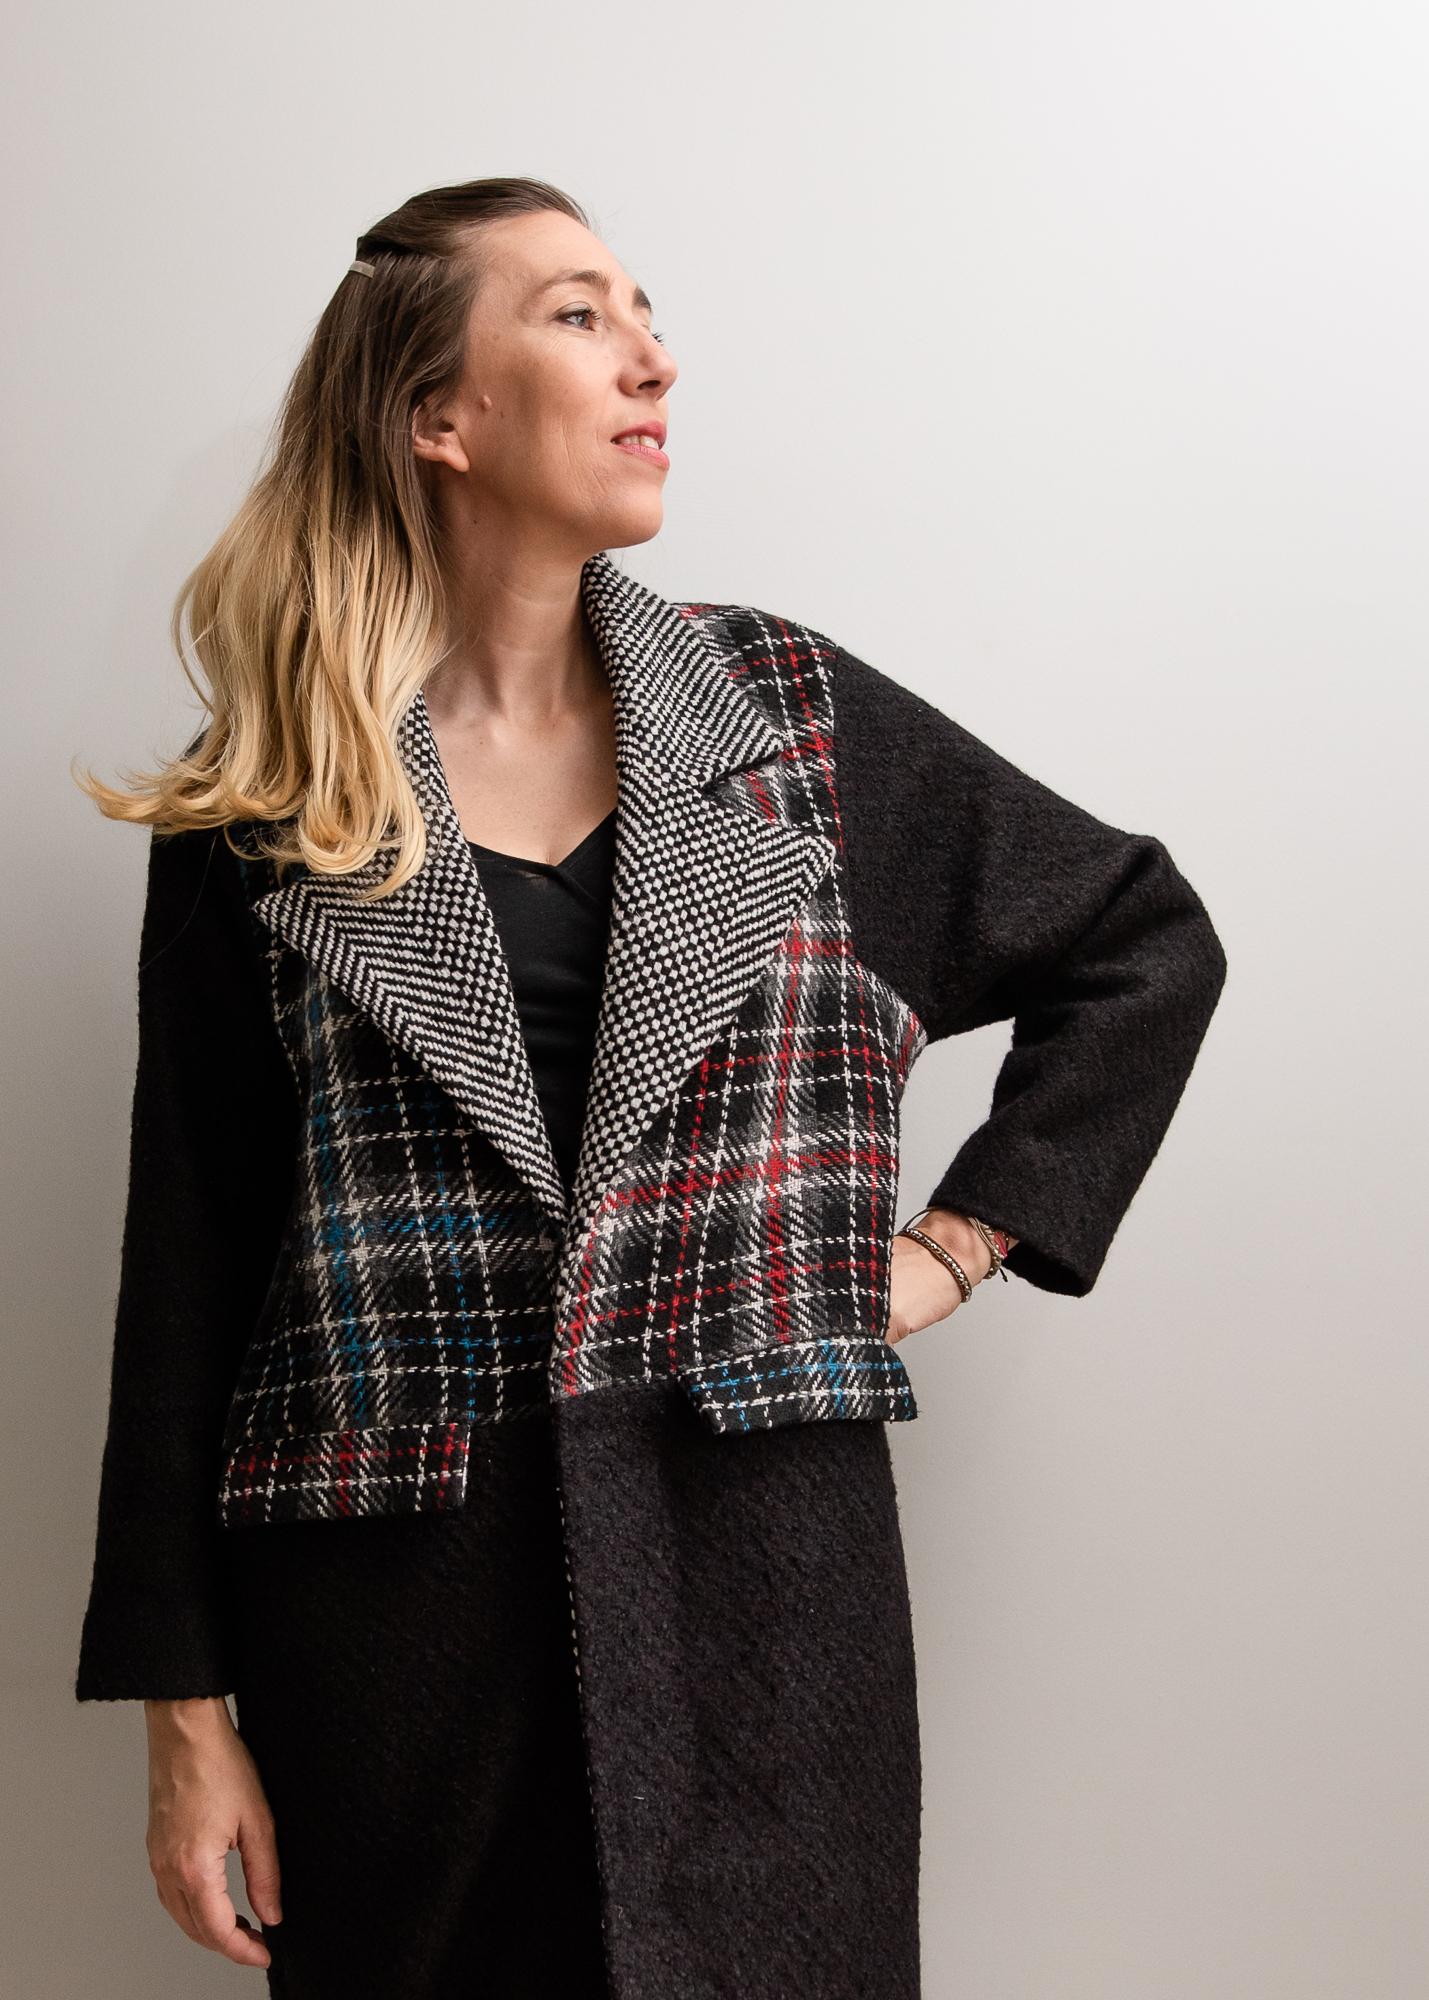 Surtout-Pdf-Sewing-Pattern-Coat-DIY21.jpg